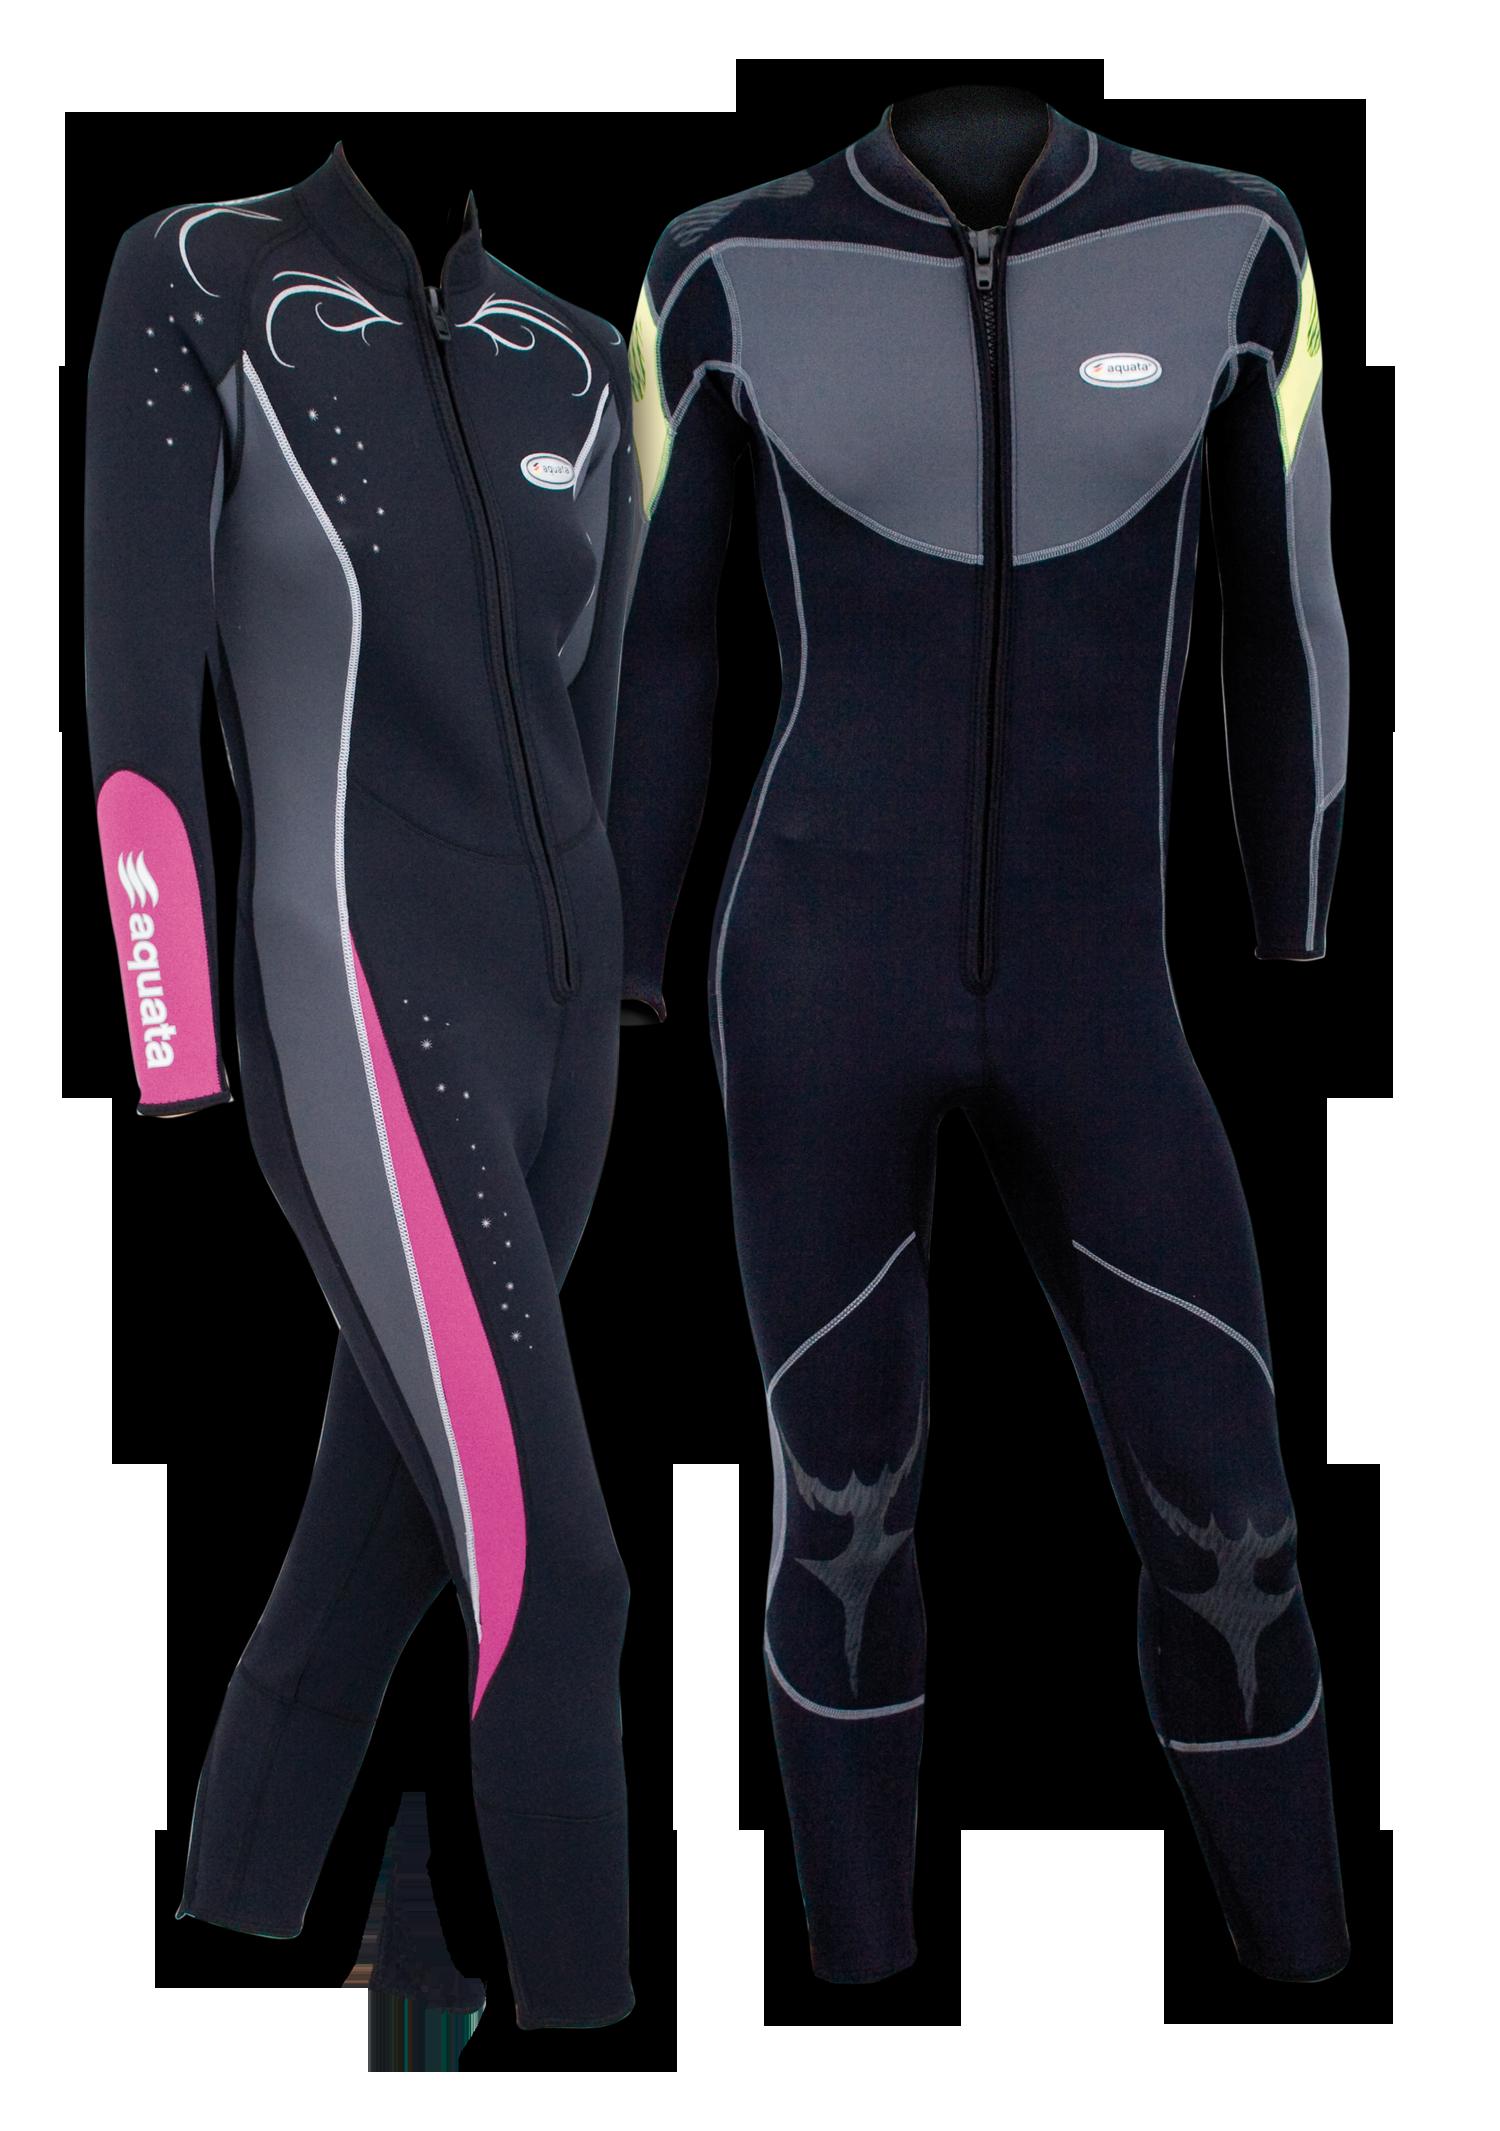 aquata Sommer Tauchanzug  und   Tropenoverall Damen aus 2,5mm Neopren    Modell WEGA |aquata